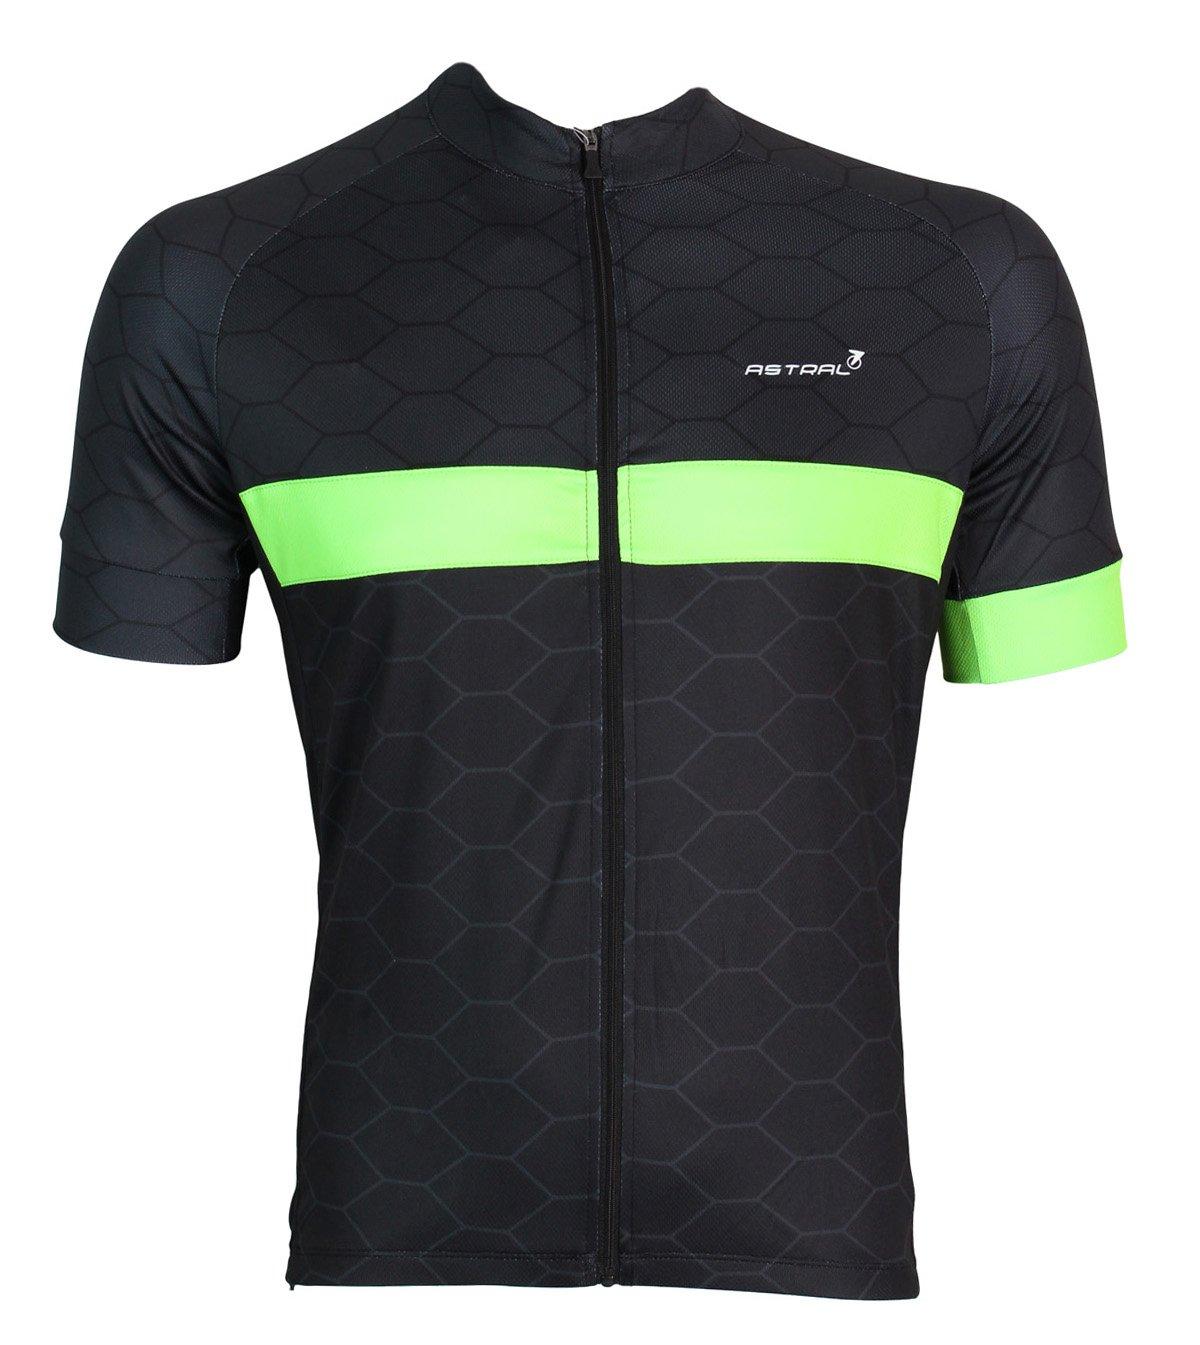 Astral Vuelta jersey sort/grøn